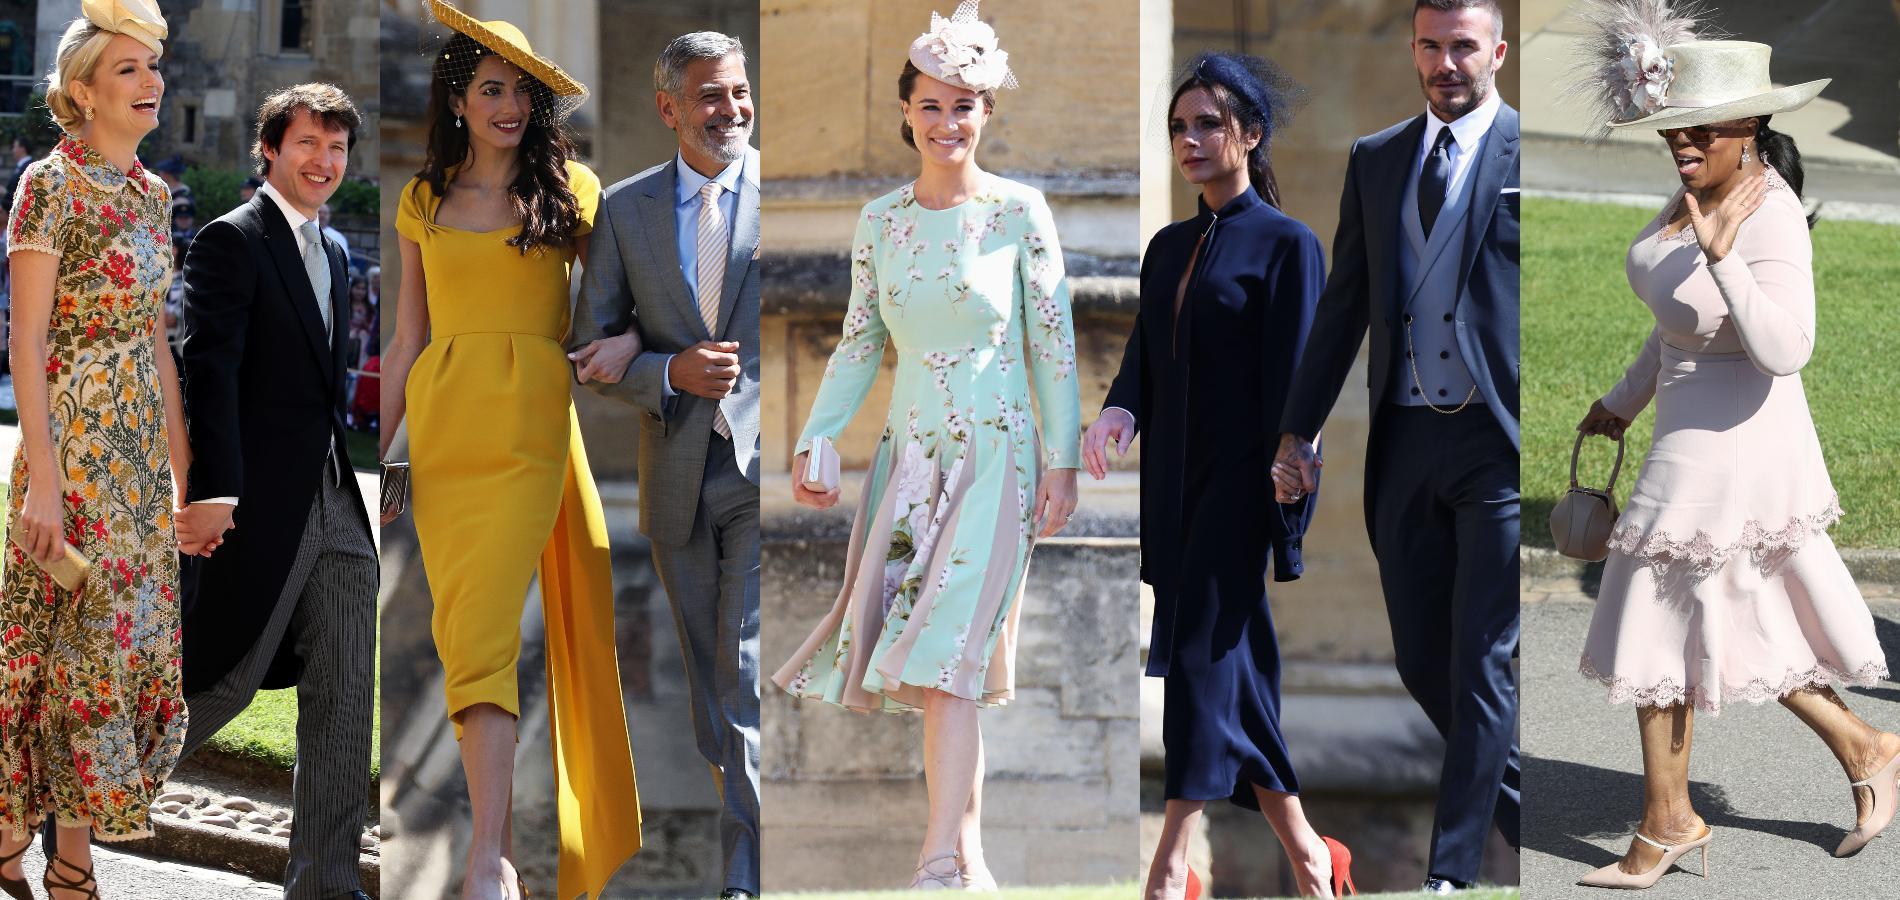 Hollywood VS aristocratie britannique: le match mode des invités au mariage royal